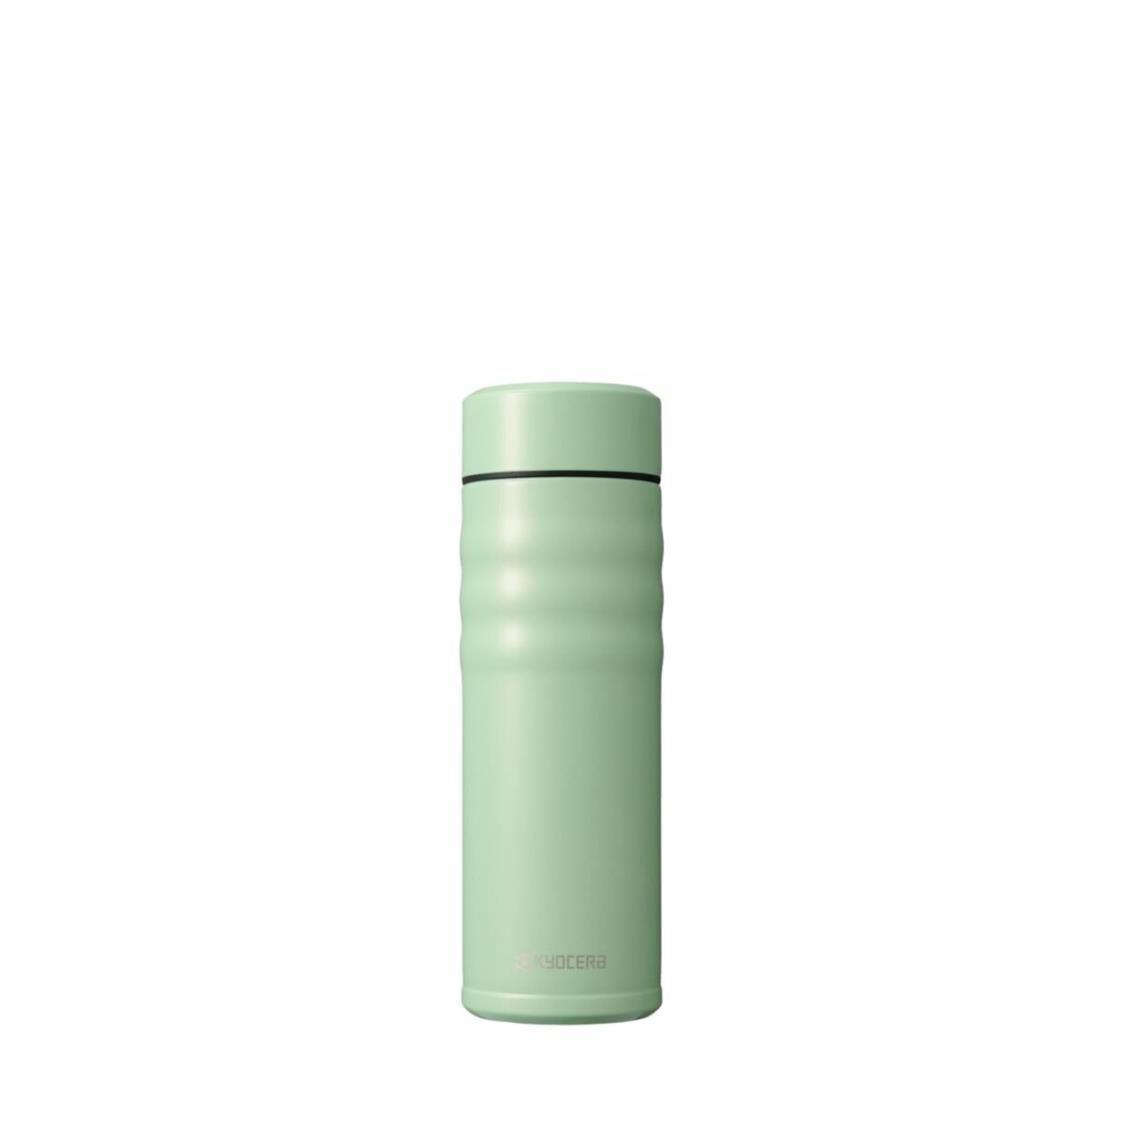 Kyocera 500ml Advanced Ceramic Coated Cerabird Mug Green MB-17S GR